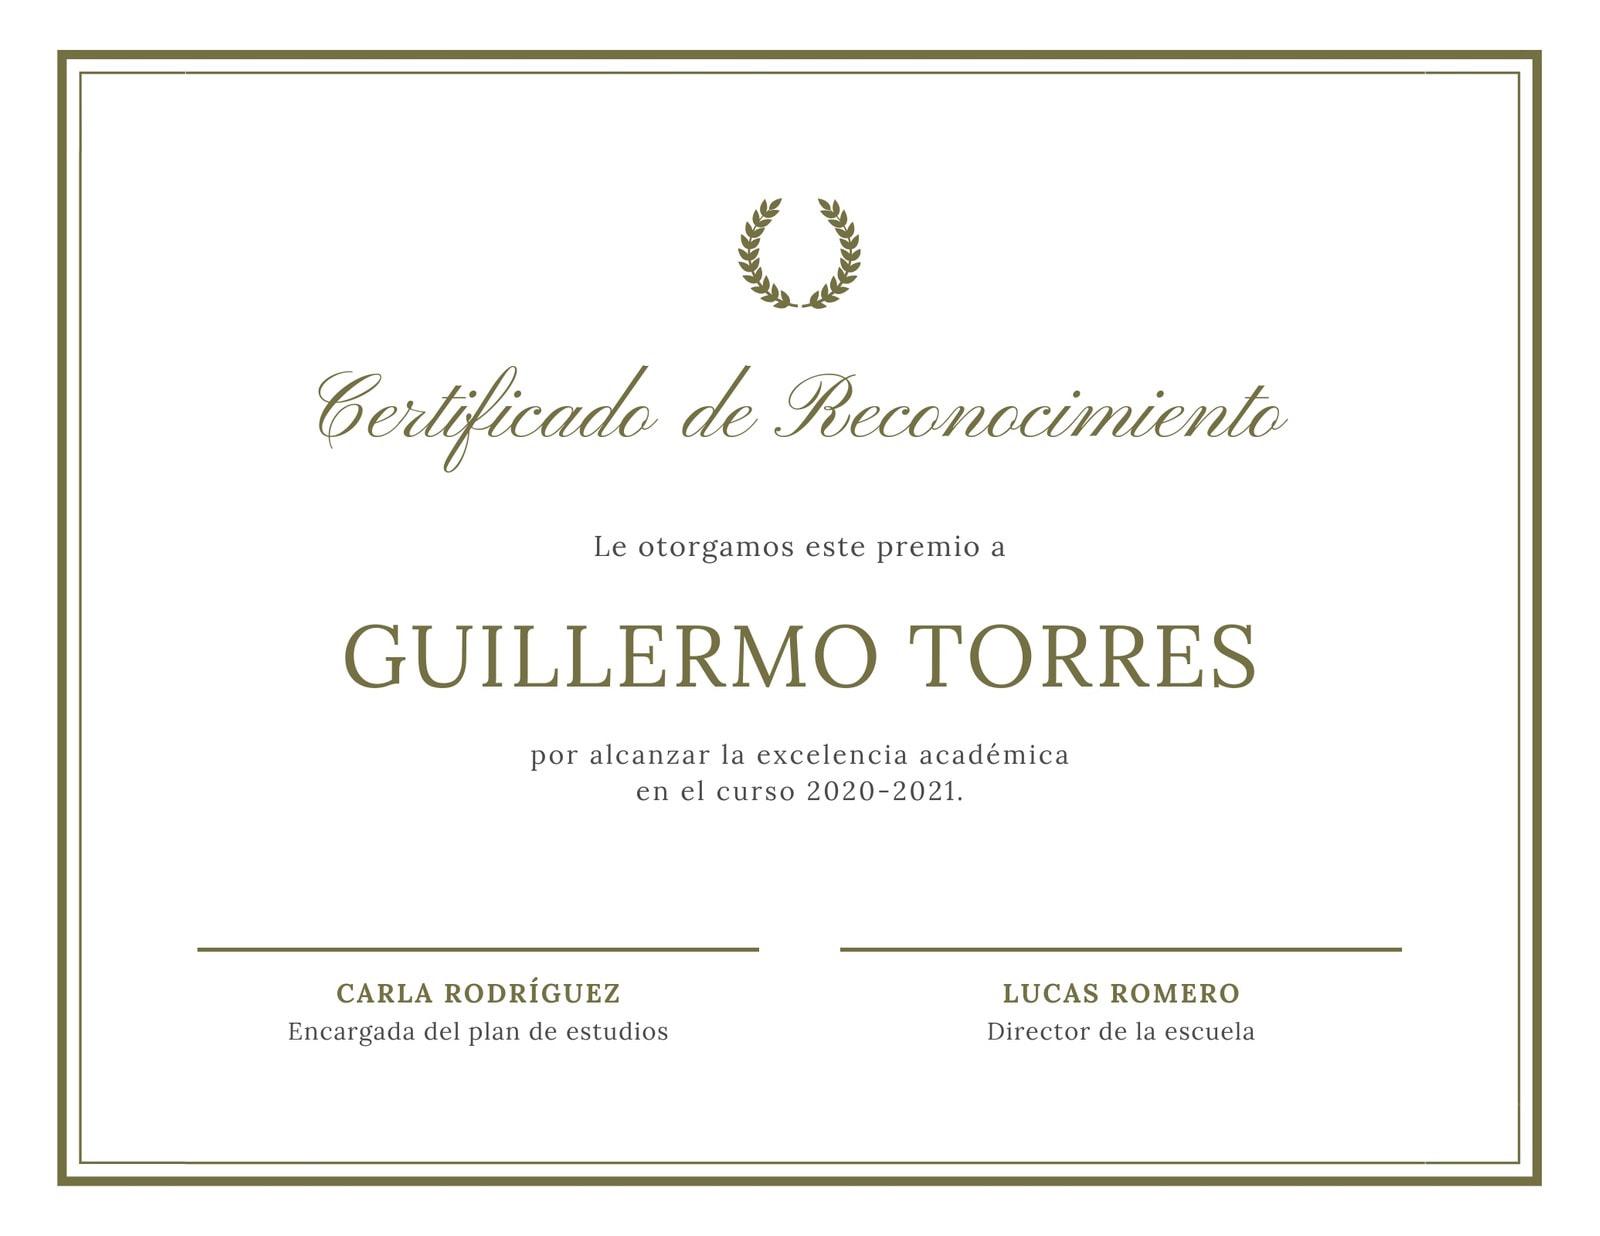 Blanco Verde Hoja Corona Laurel Borde Certificado de Reconocimiento